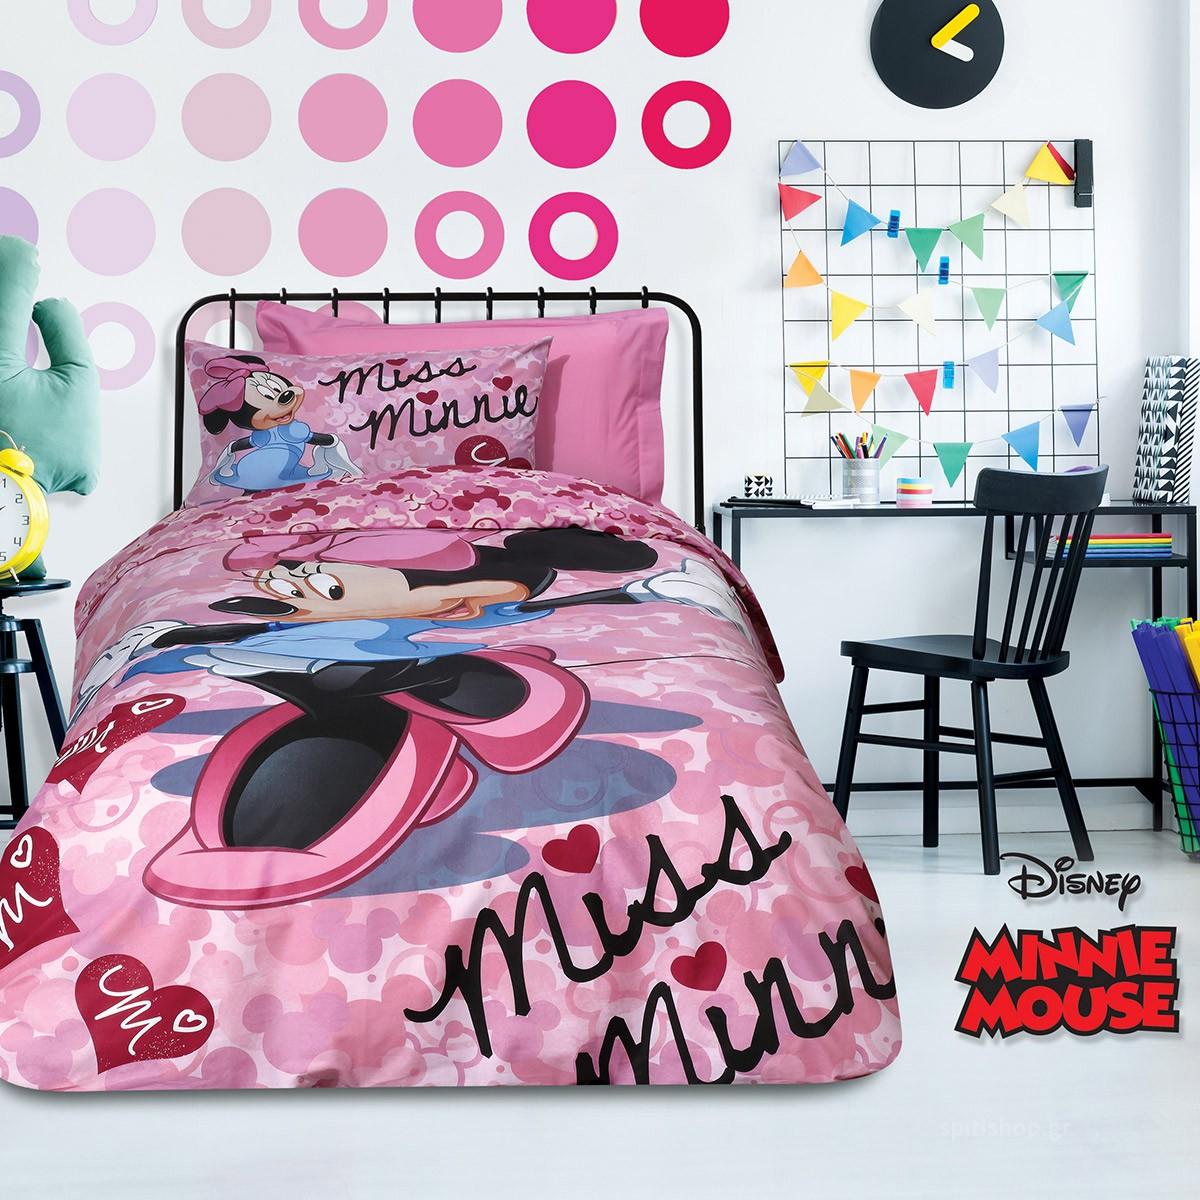 Σεντόνια Μονά (Σετ) Das Home Miss Minnie 5014 89779